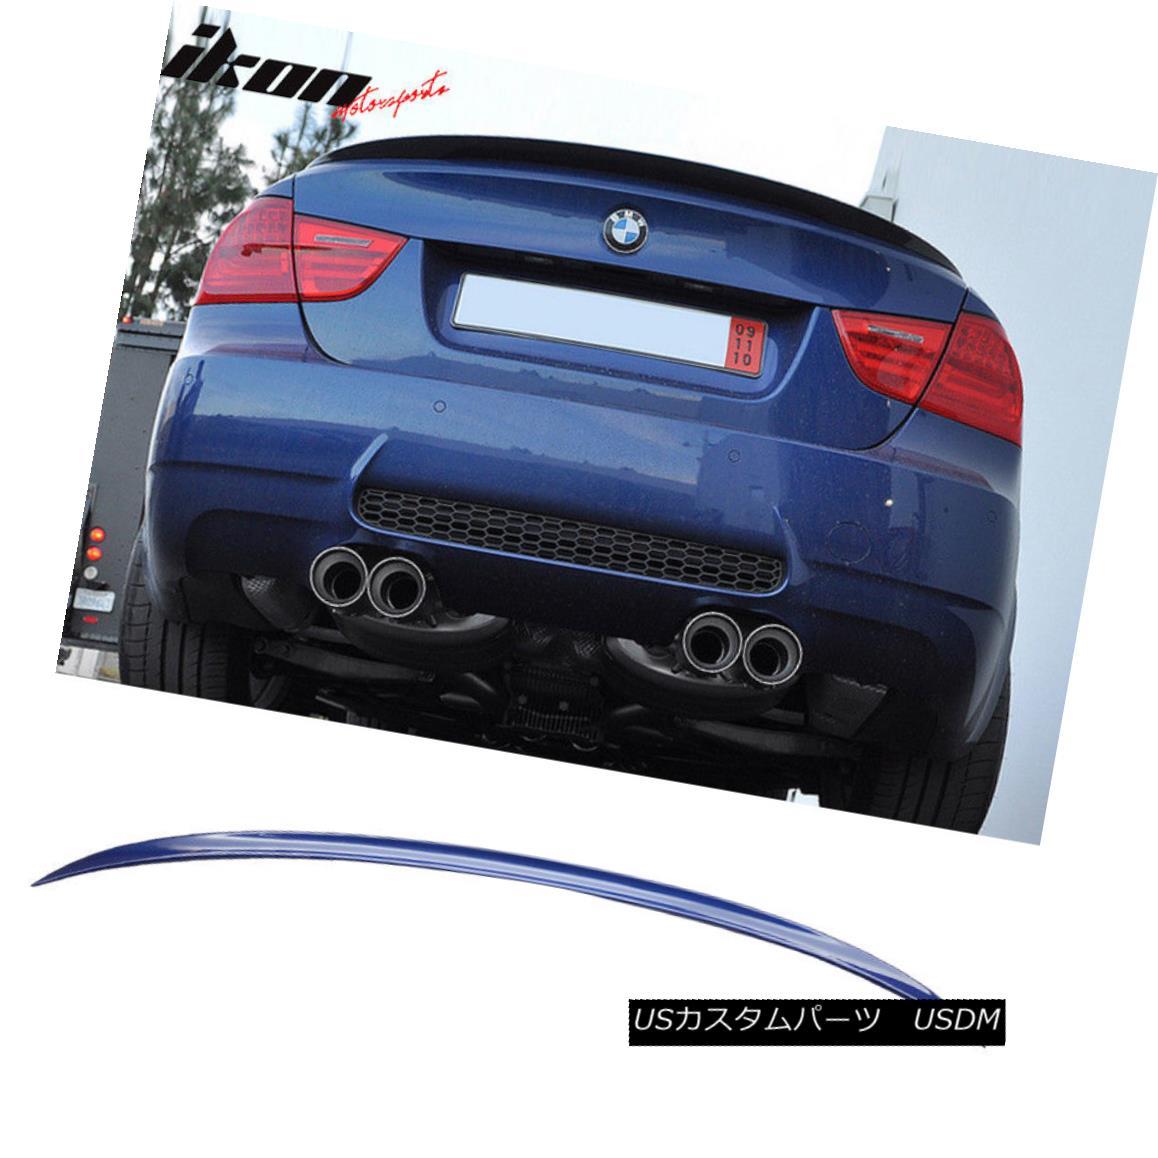 エアロパーツ Fits 06-11 3 Series E90 Sedan M3 Trunk Spoiler Painted #381 Lemans Blue Metallic フィット06-11 3シリーズE90セダンM3トランク・スポイラー・ペイント#381レマン・ブルー・メタリック